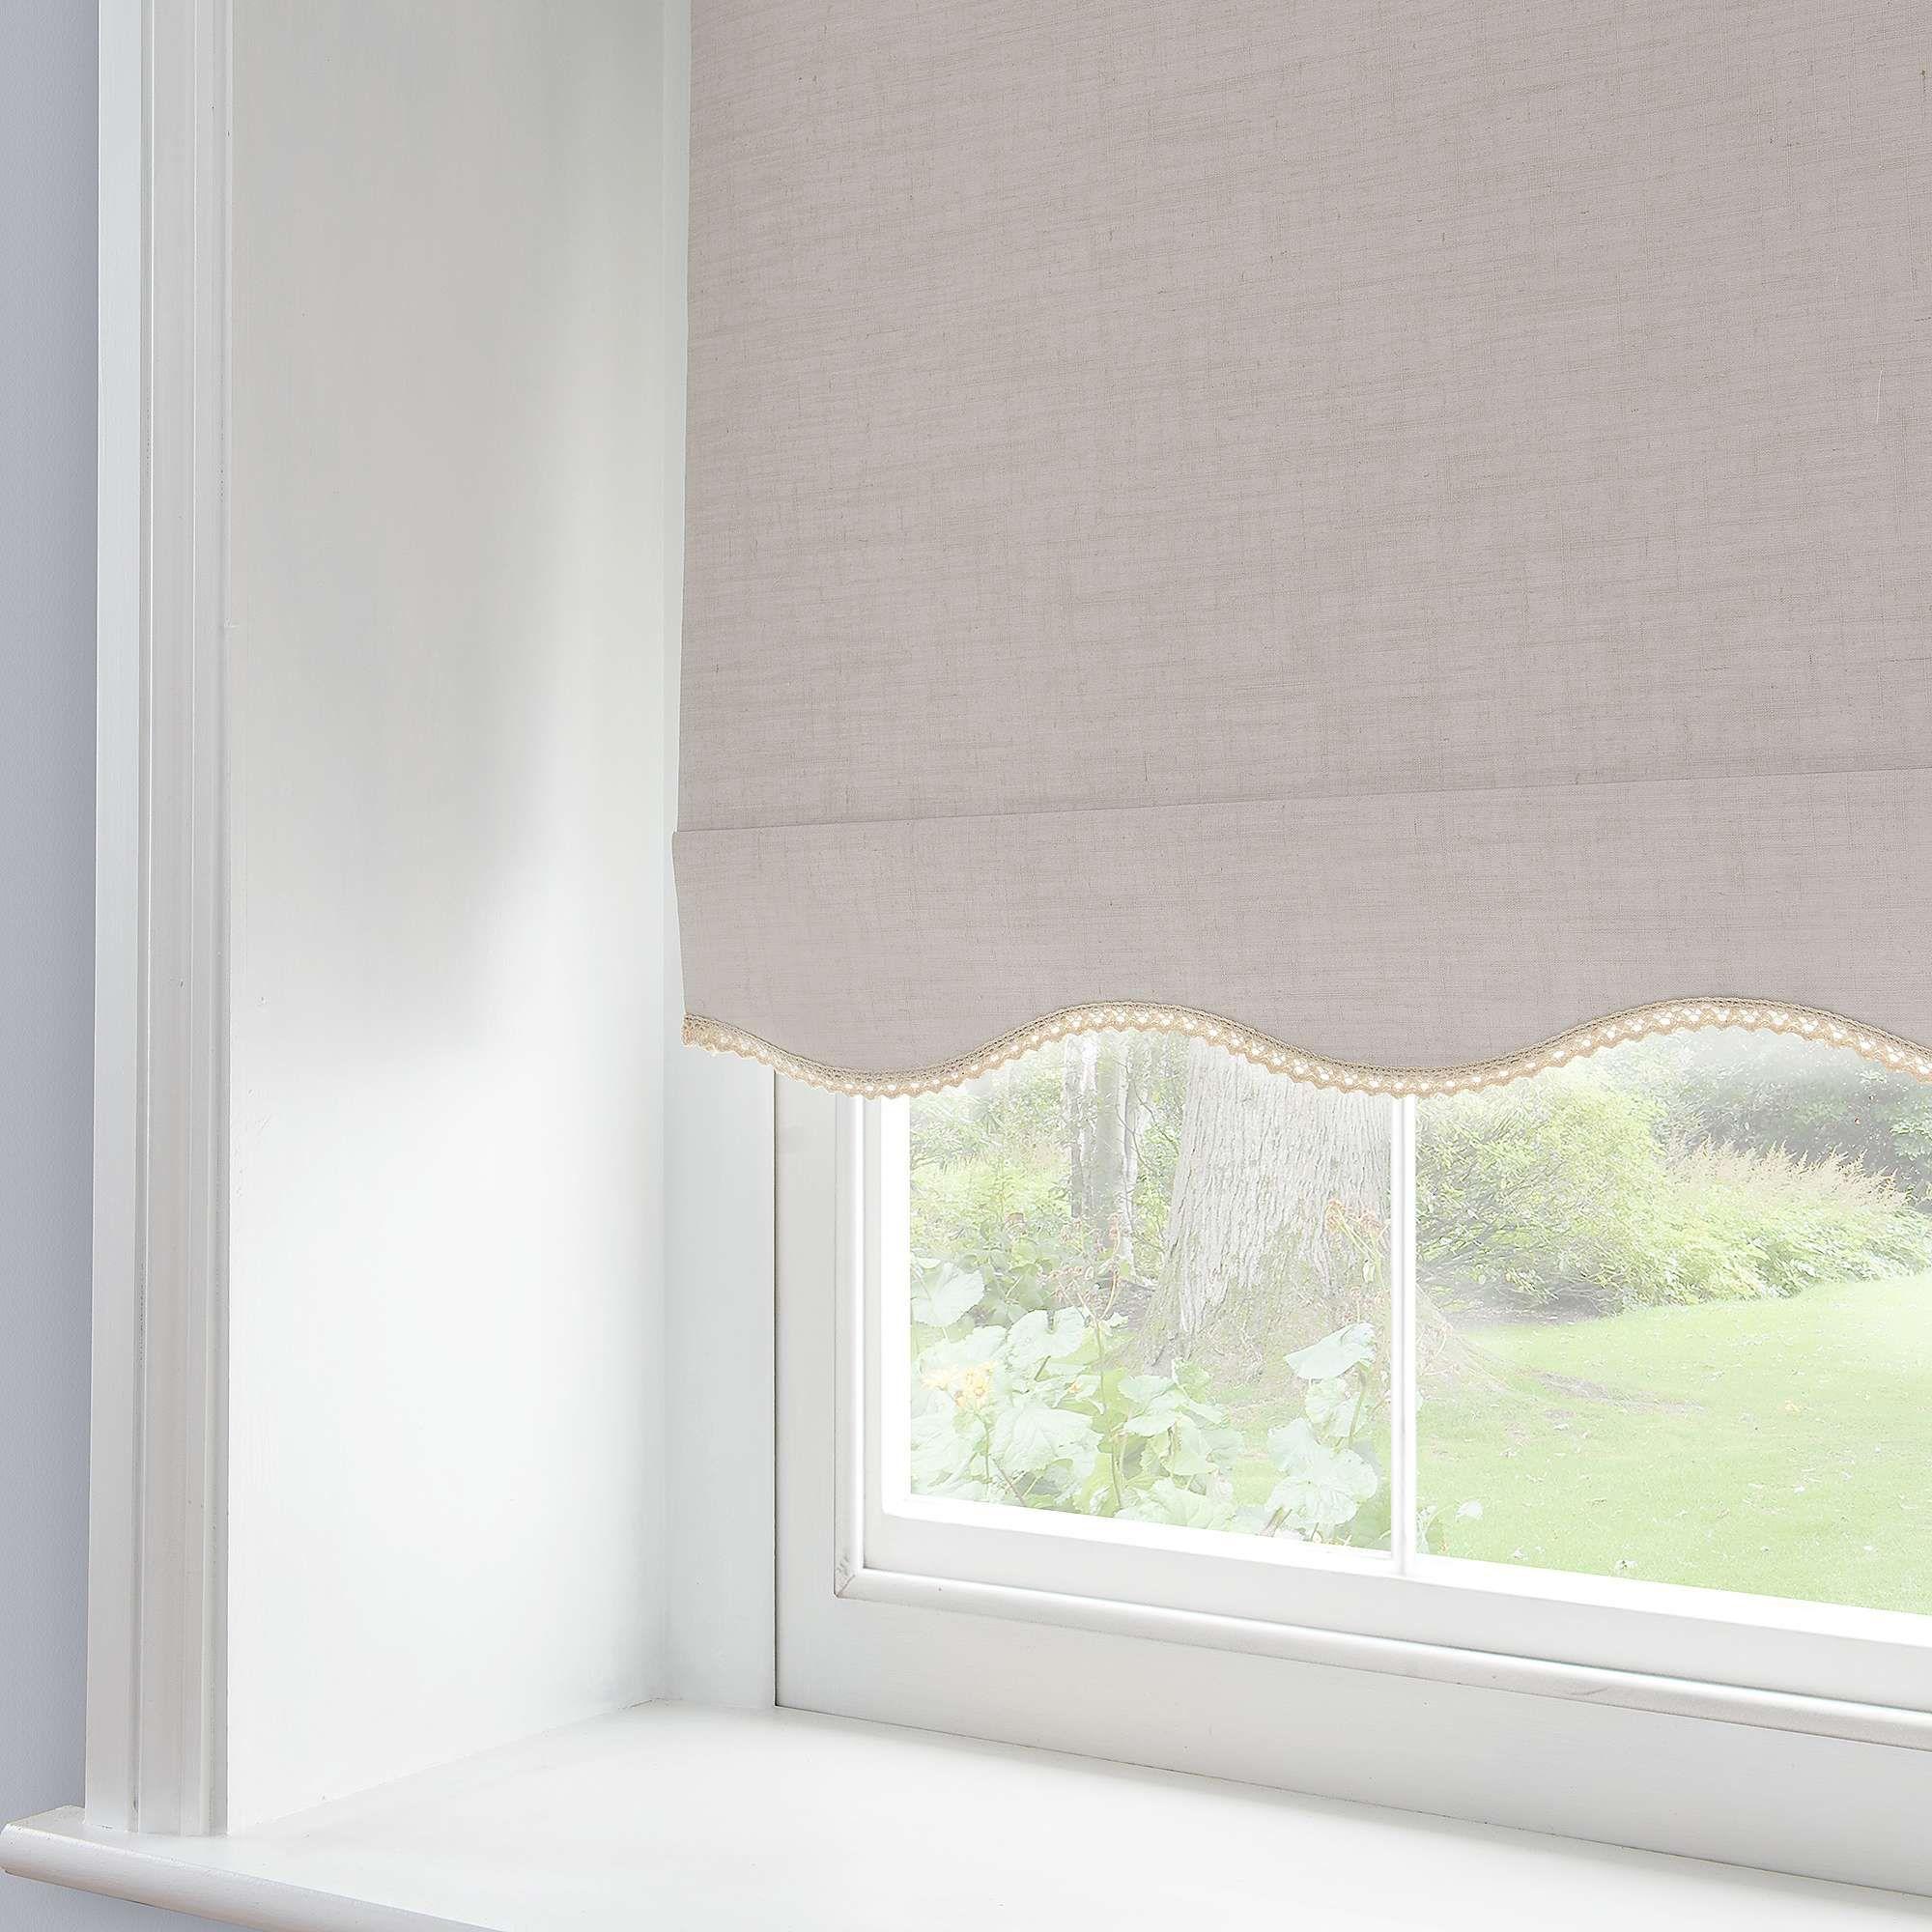 Lace Trim Blackout Roller Blind Roller Blinds Bedroom Blackout Roller Blinds Curtains With Blinds